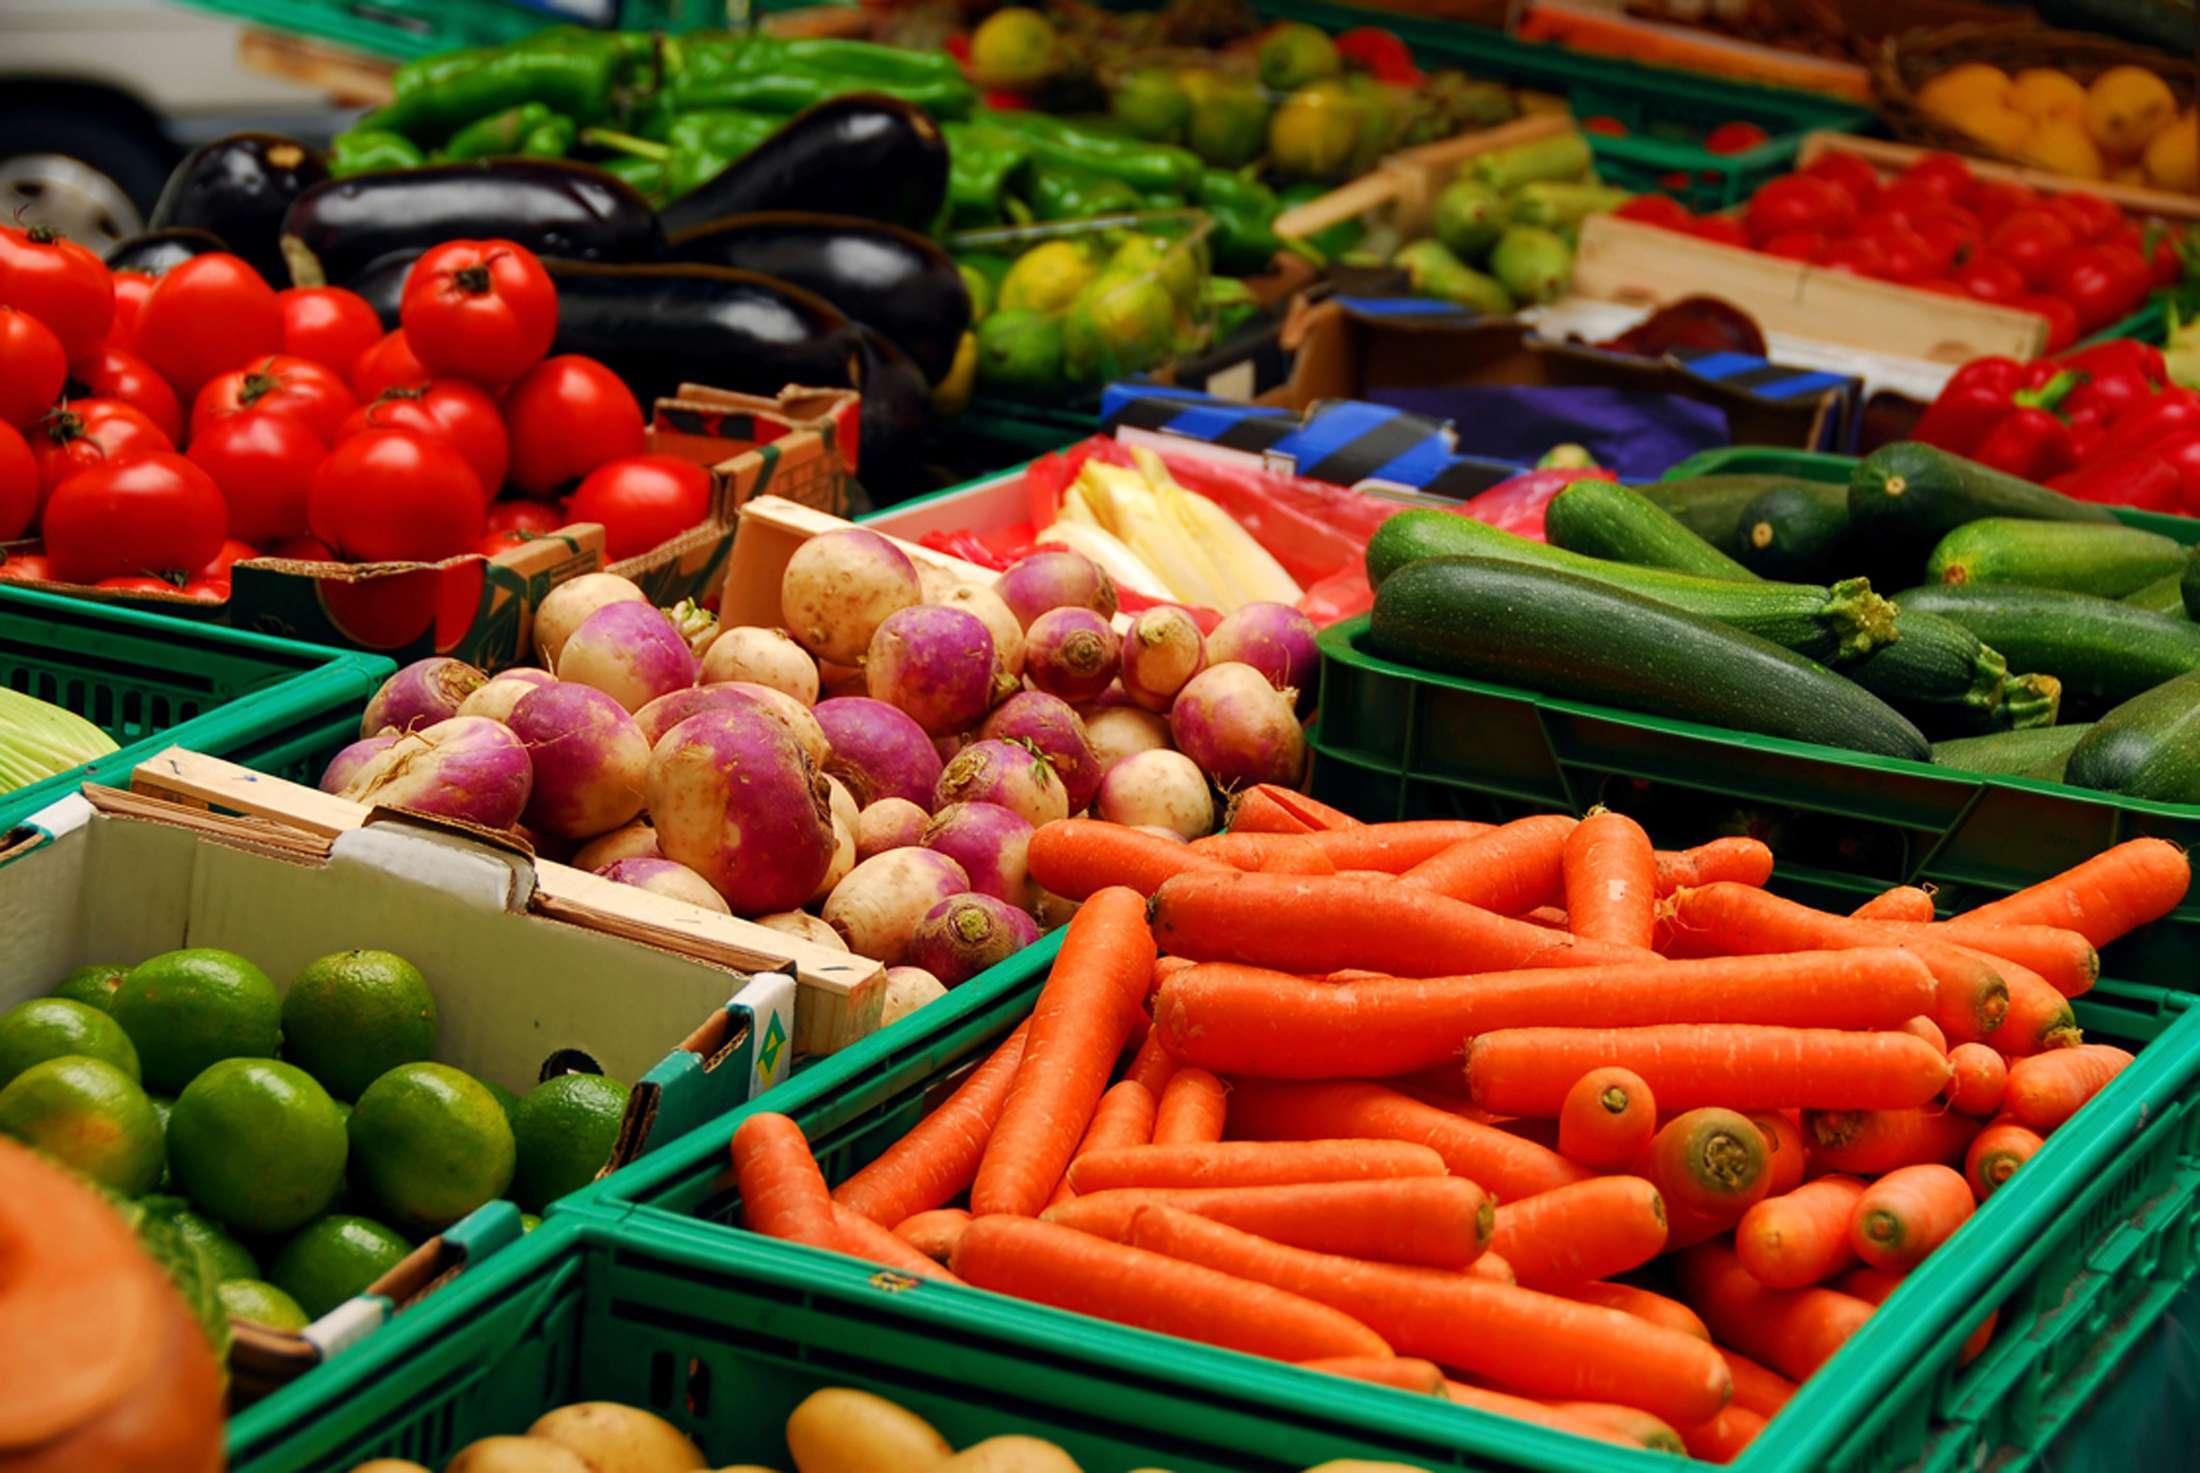 В Карагандинской области в стабфонде заготовлено почти 3 тысячи тонн овощей